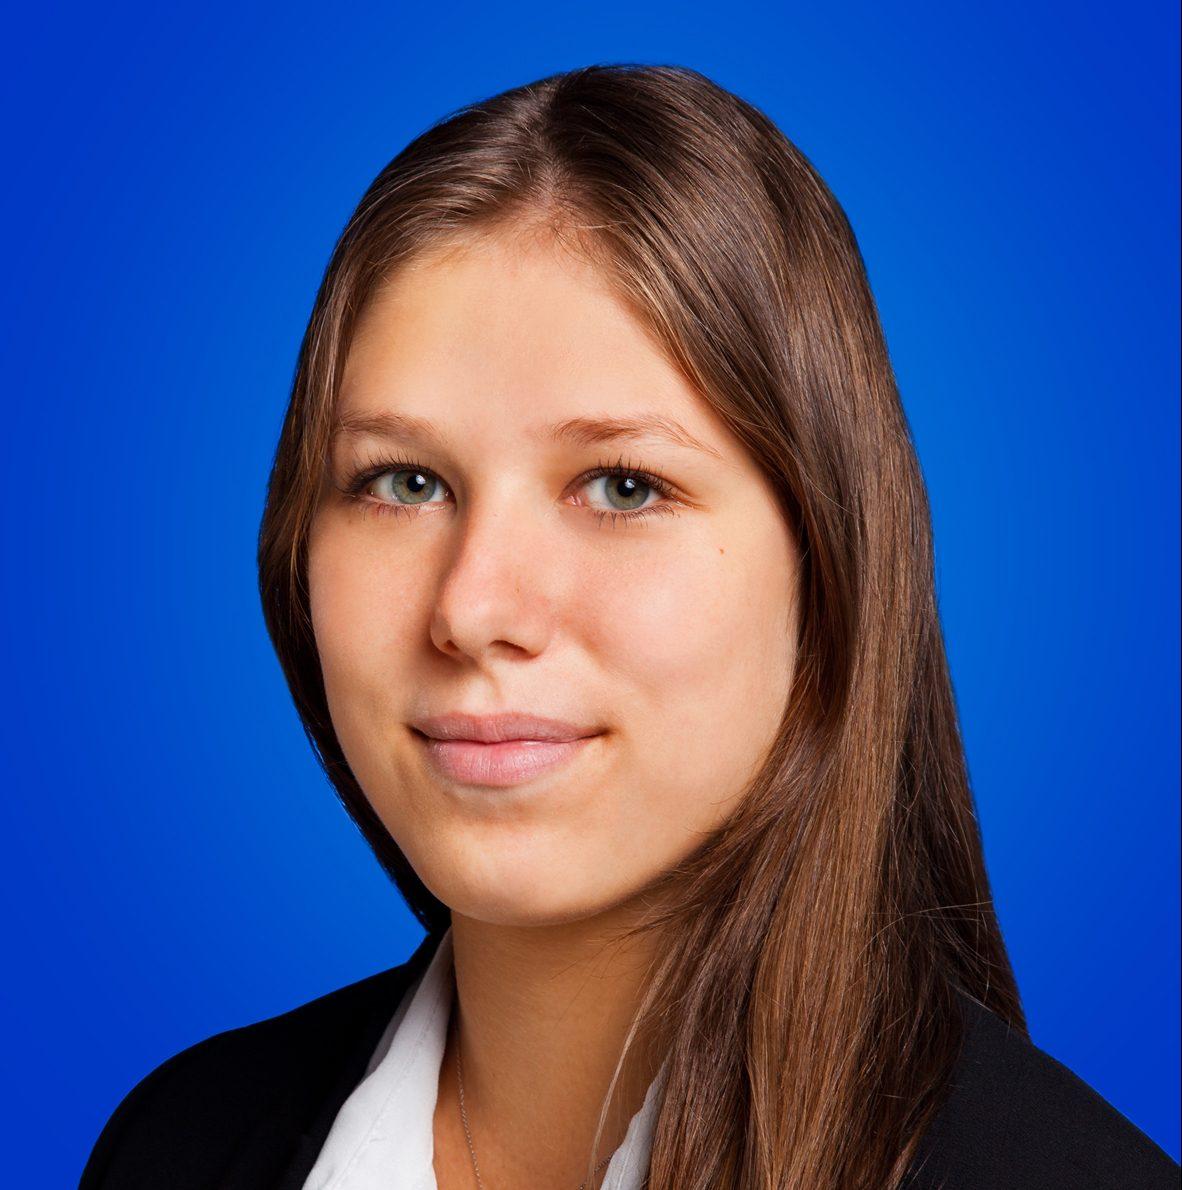 Franziska Lahm